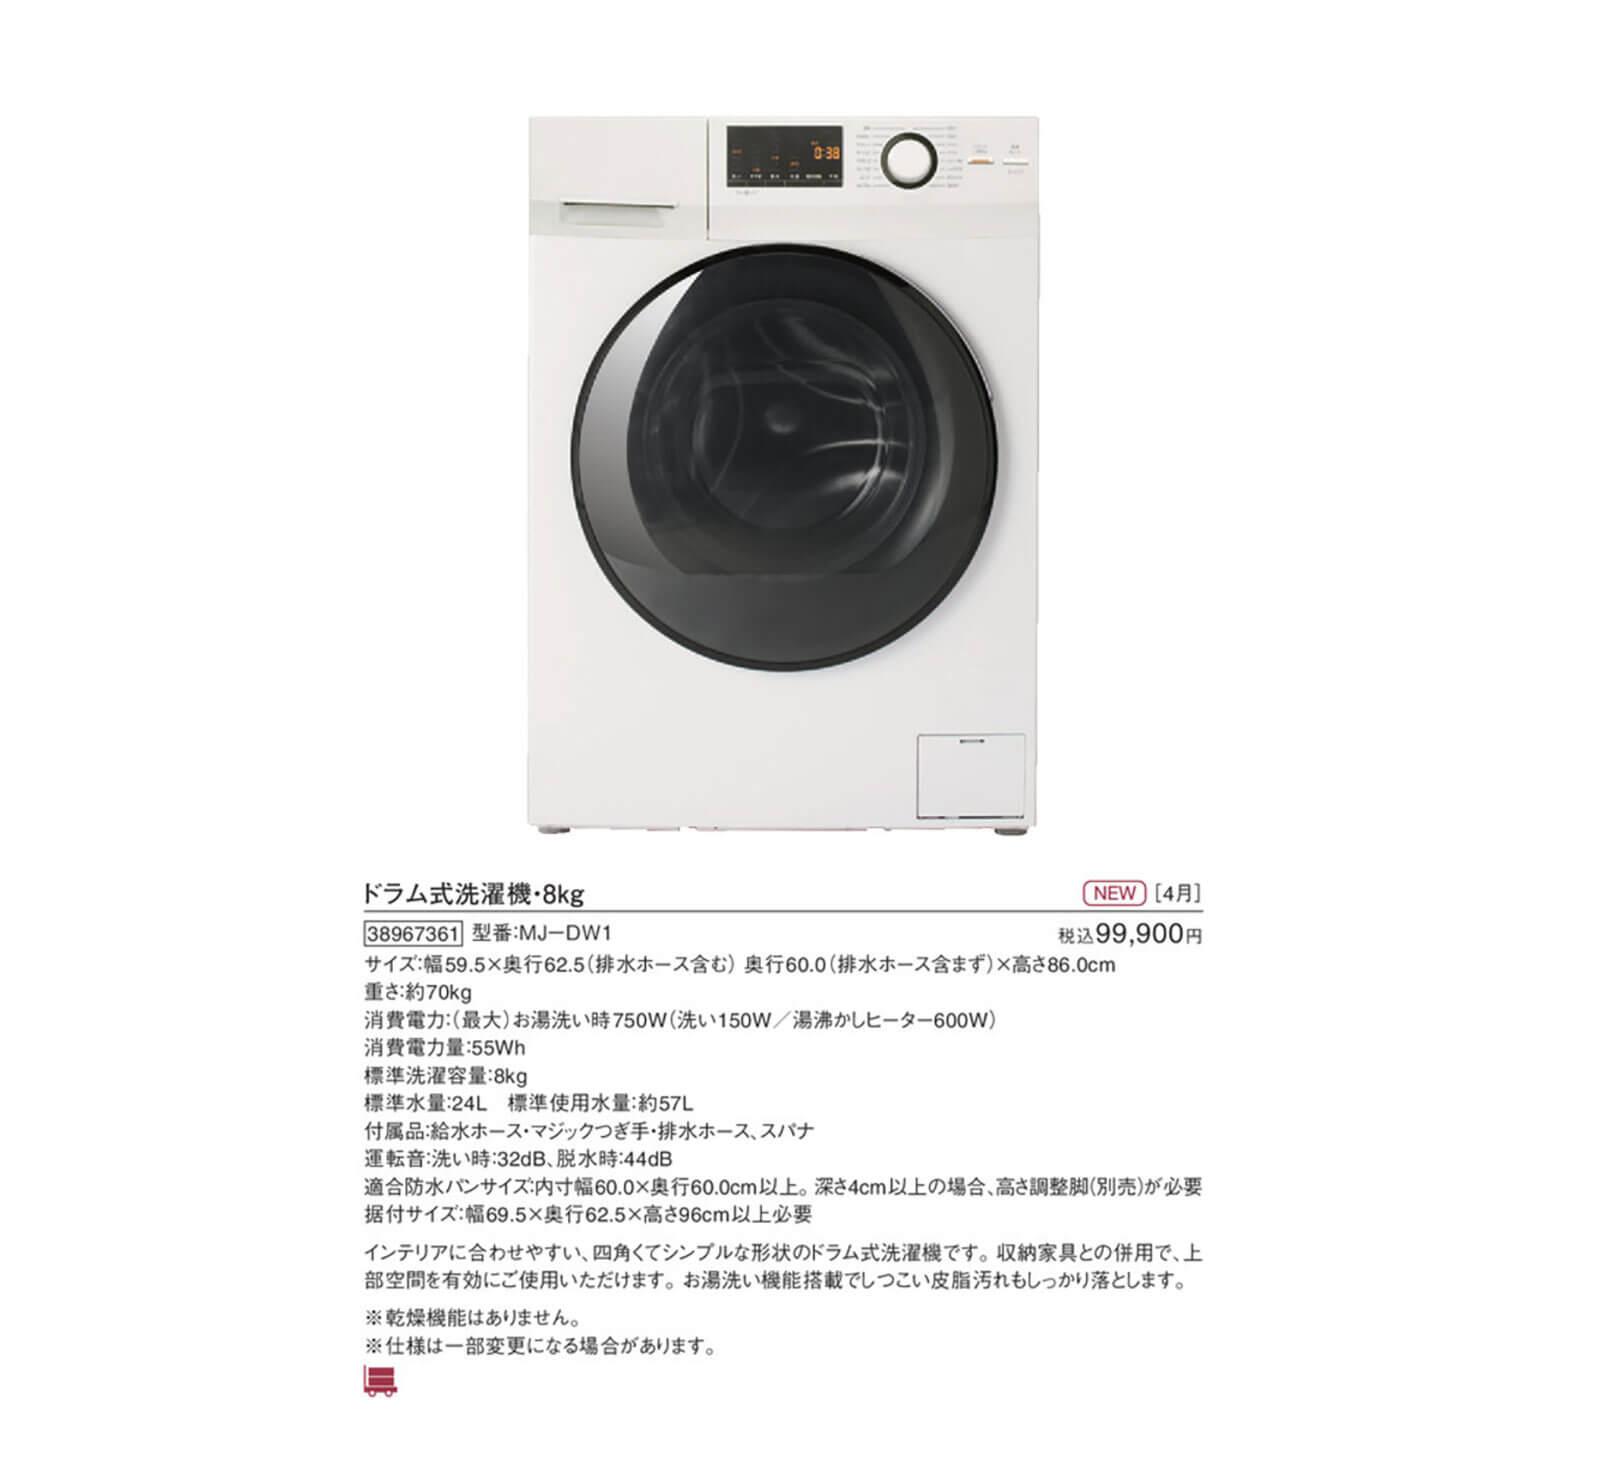 無印良品 4.5kg 全自動洗濯機 ASW-MJ45 風乾燥機能付き